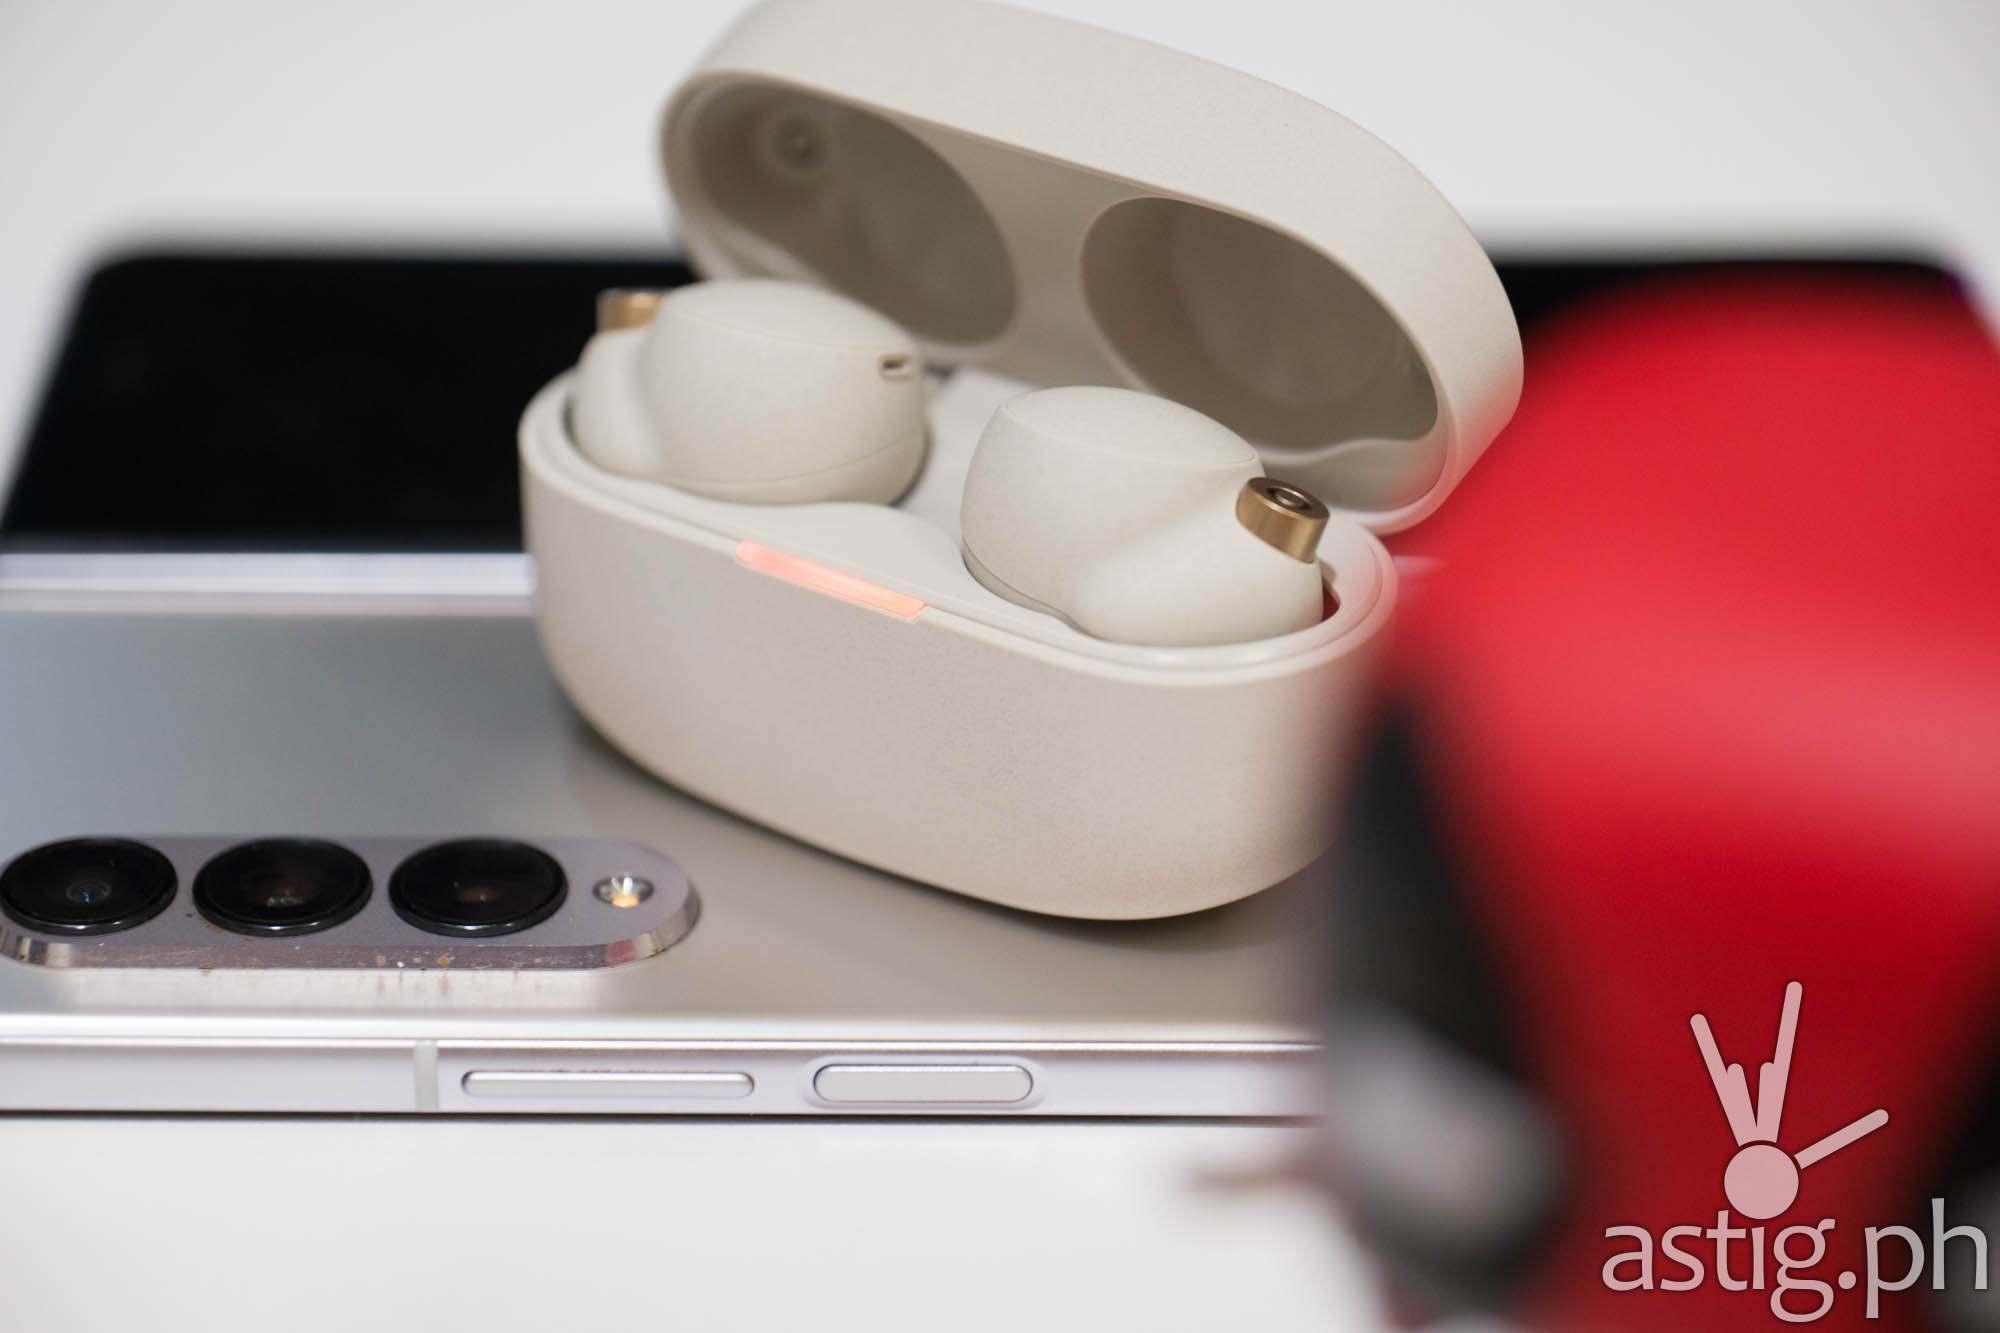 Wireless reverse charging with SAMSUNG Galaxy Z Fold3 - Sony WF-1000XM4